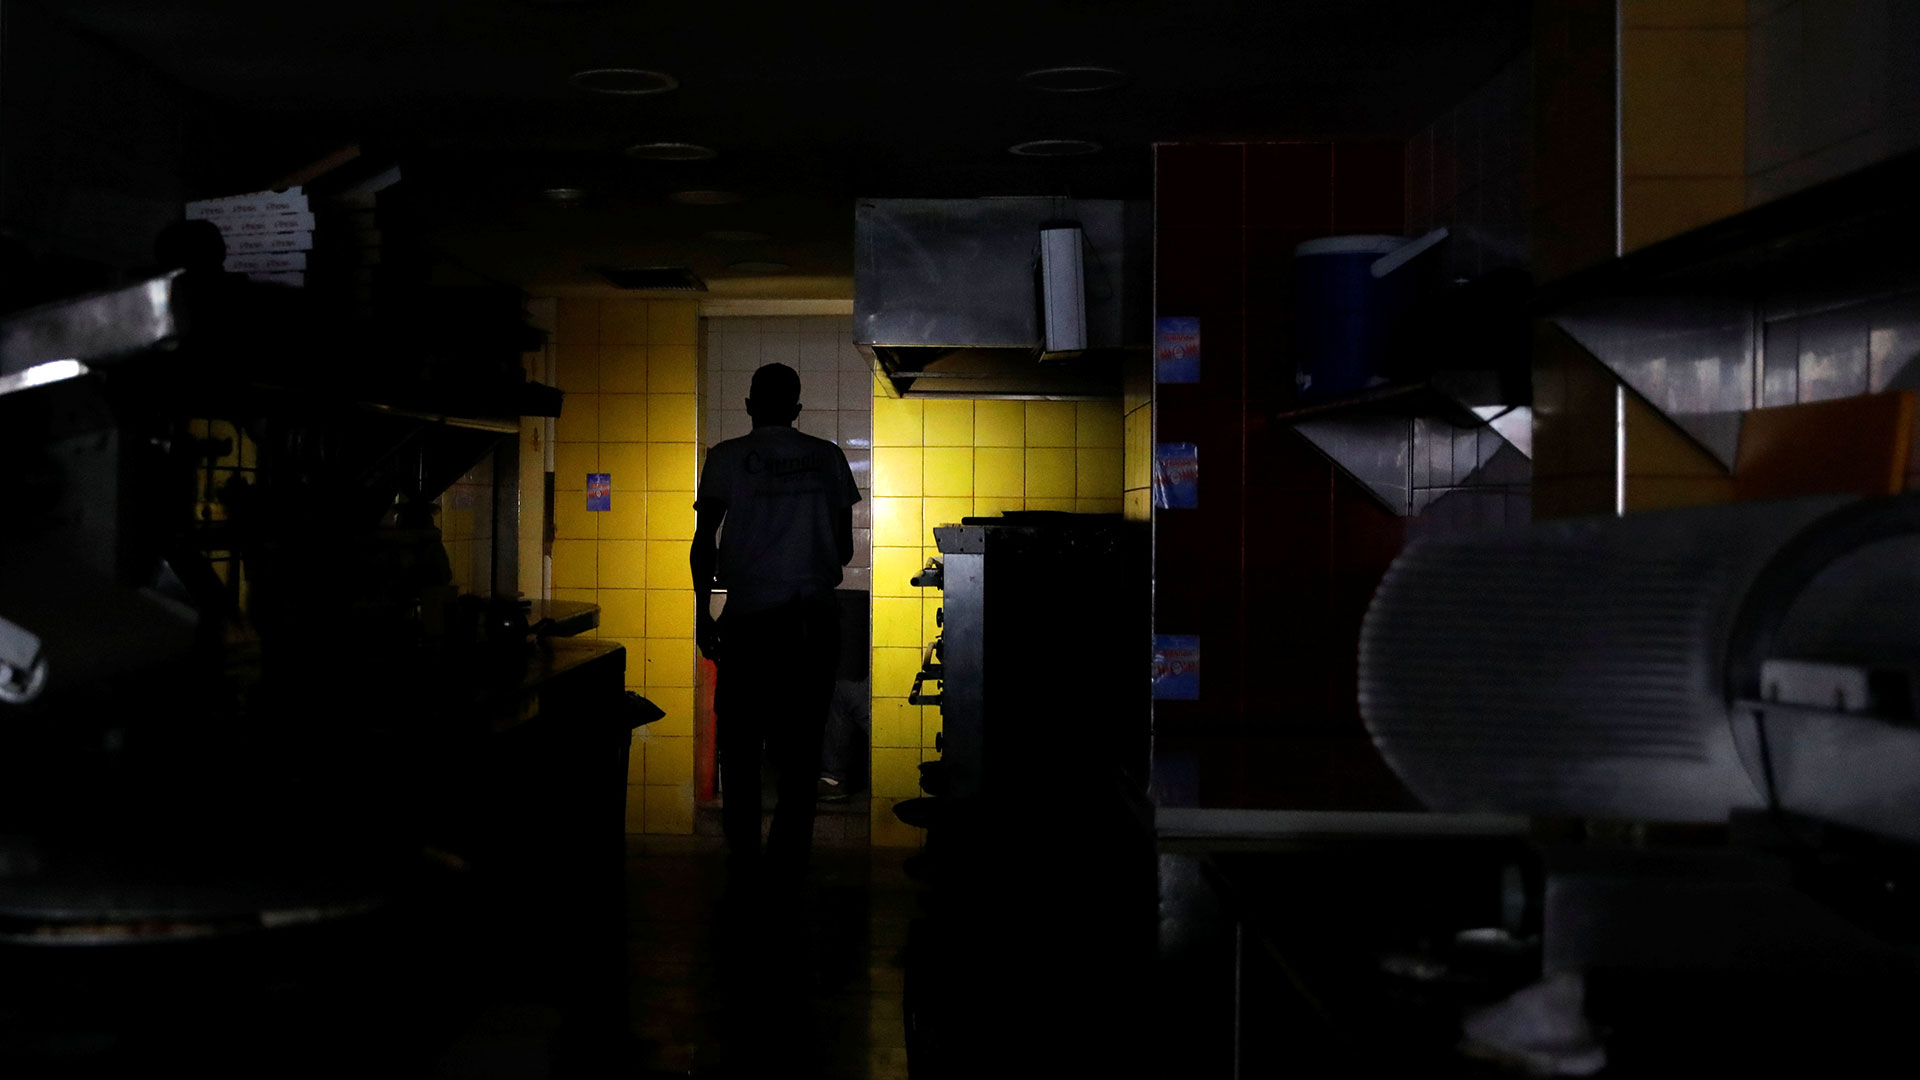 """La Corporación Eléctrica Nacional (Corpoelec) reaccionó de manera inmediata al apagón y señaló en Twitter que la generación fue saboteada en la instalación de Guri, la más importante del todo el sistema. """"Esto es parte de la guerra eléctrica contra el Estado. ¡No lo permitiremos! Estamos trabajando para recuperar el servicio"""", añadió la estatal."""